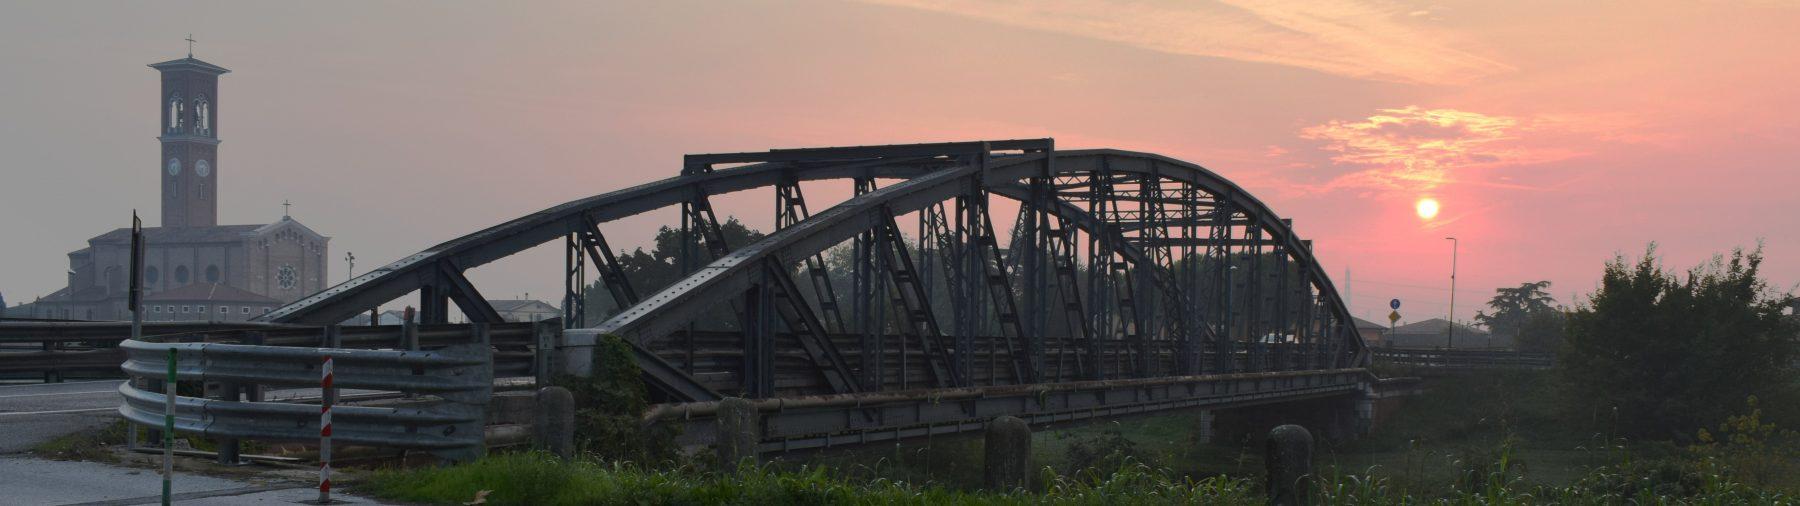 Pro loco Ponte San Nicolò